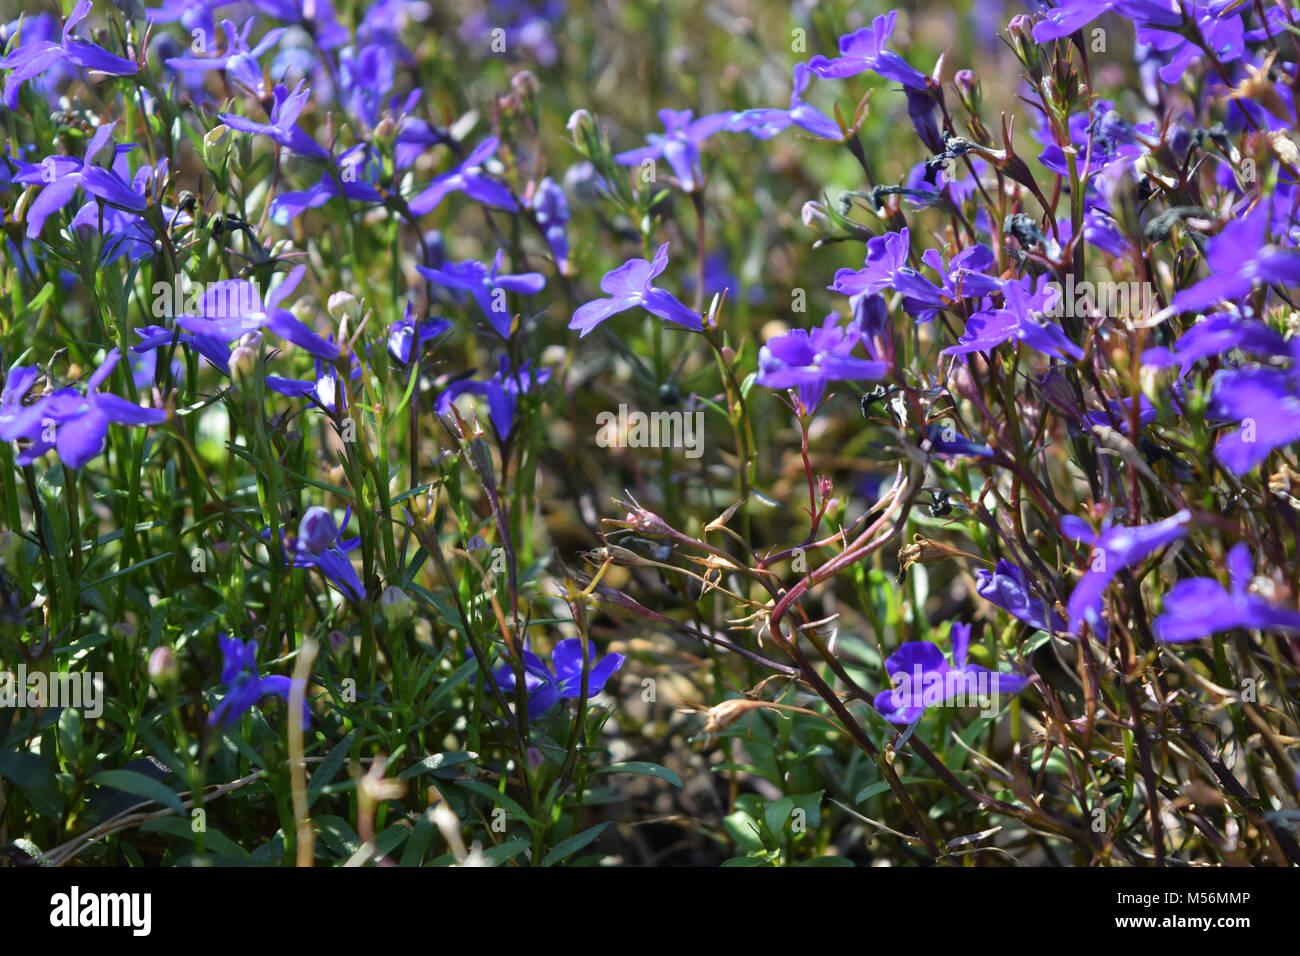 Lobelia Lobelia Erinus In Flower Stock Photos Lobelia Lobelia